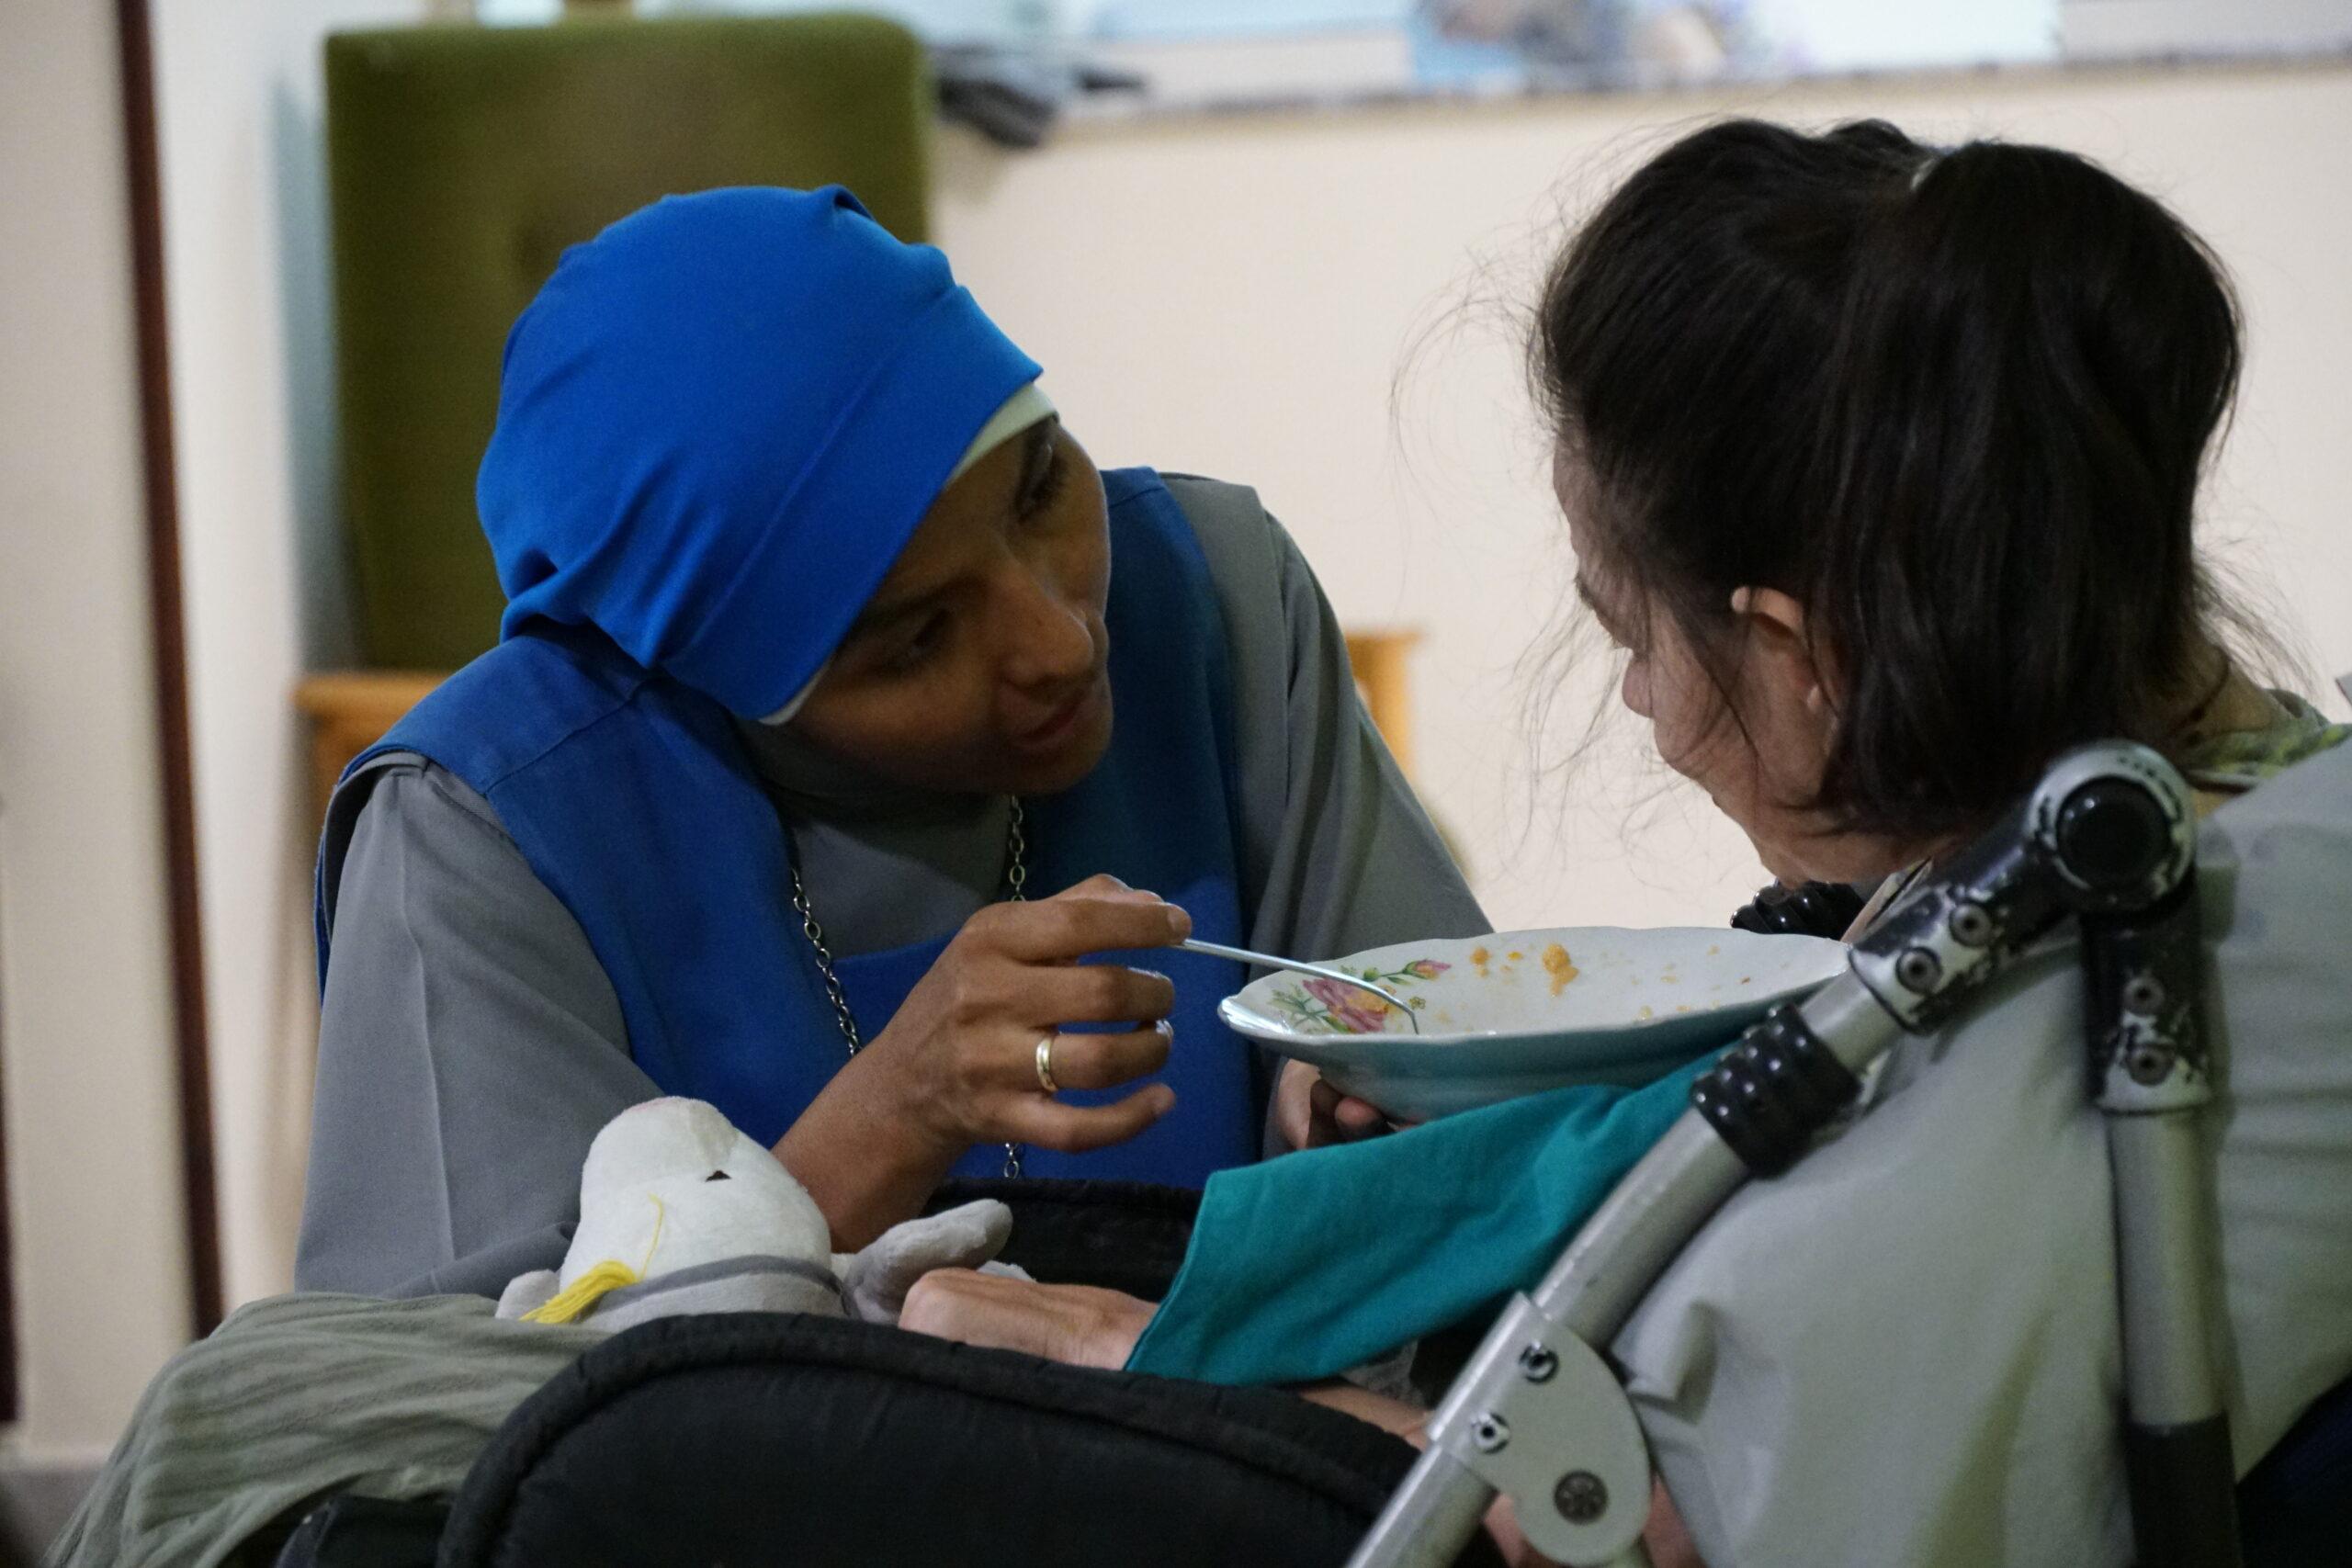 Trabajo de voluntariado social internacional -ALBANIA Tirana Casa para las mujeres discapacitadas